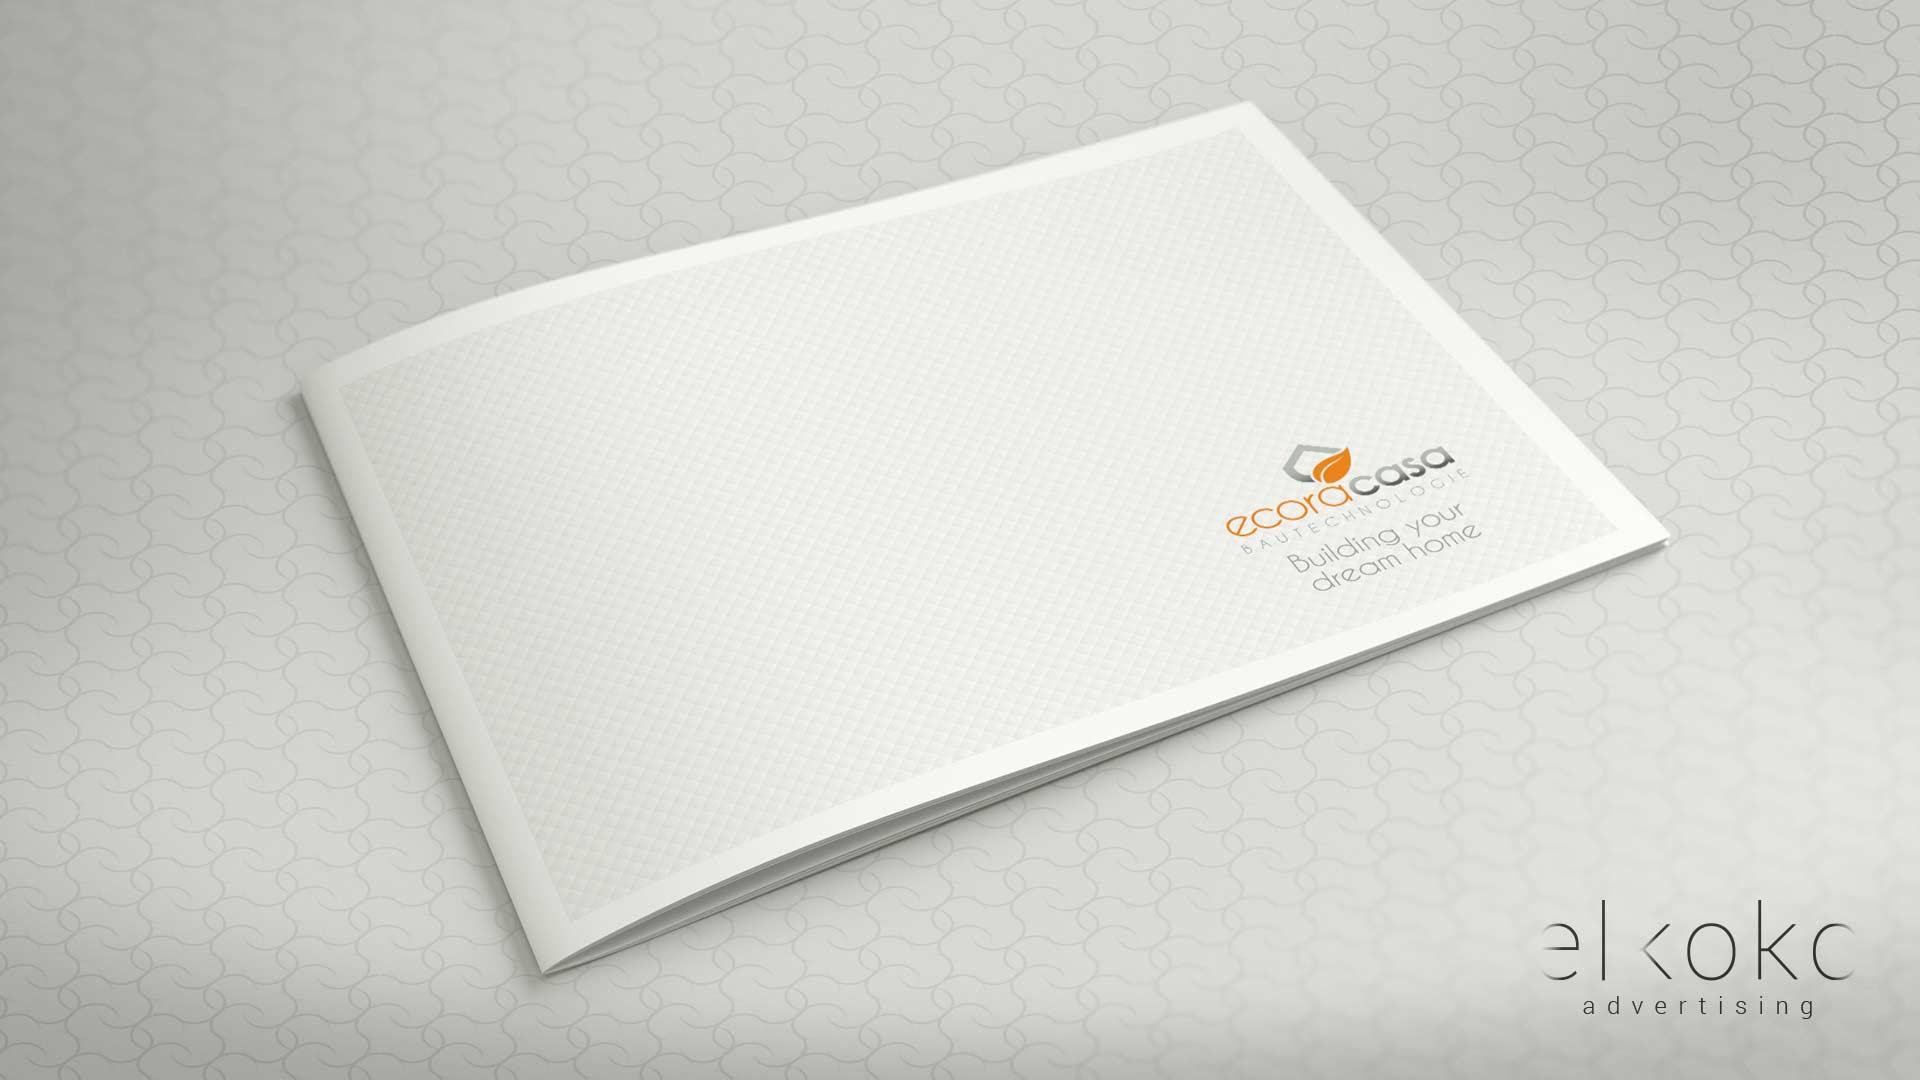 Diseño de catálogo para inmobiliaria en Málaga. Mejor Agencia de Publicidad en Málaga. Elkoko.